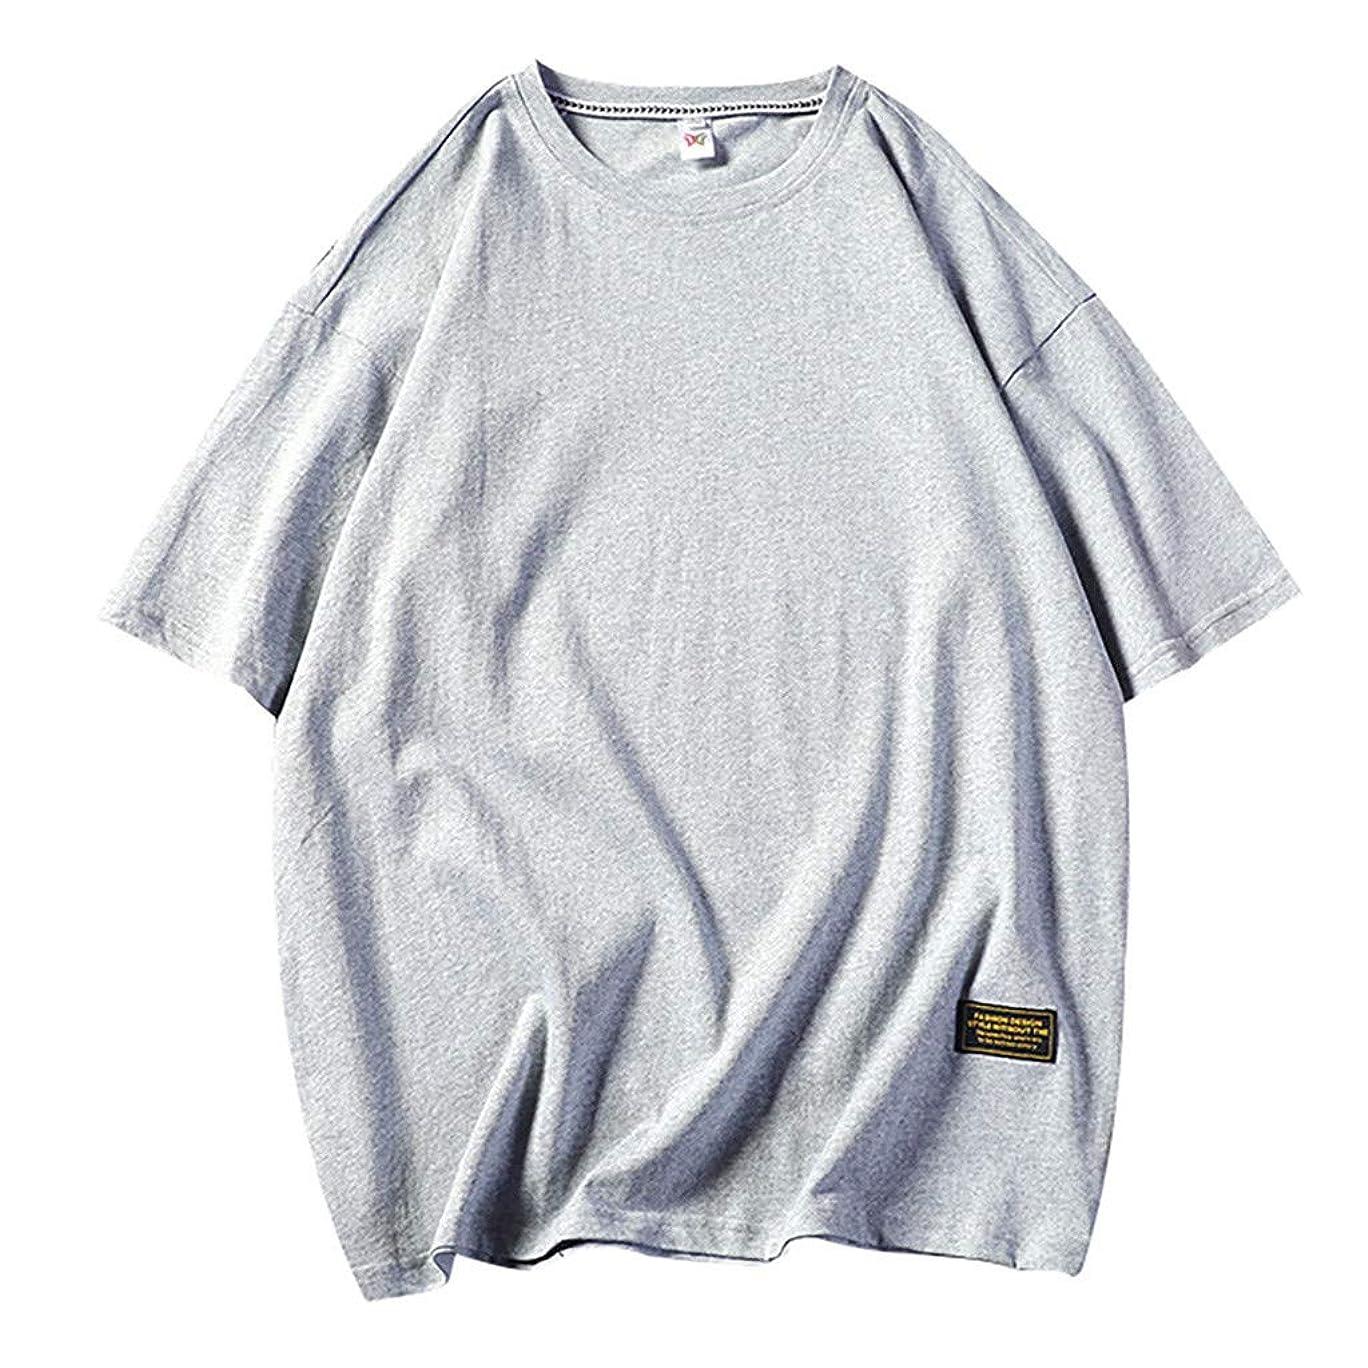 言う預言者プーノ夏服 メンズ ティーシャツ Meilaifushi 純色 丸首 綿混紡織 半袖 涼しい 春夏対応 薄手 上着 多選択 若者 気質 流行 サーマル カットソー 人気商品 Tシャツ 普段着 大きいサイズ トップス